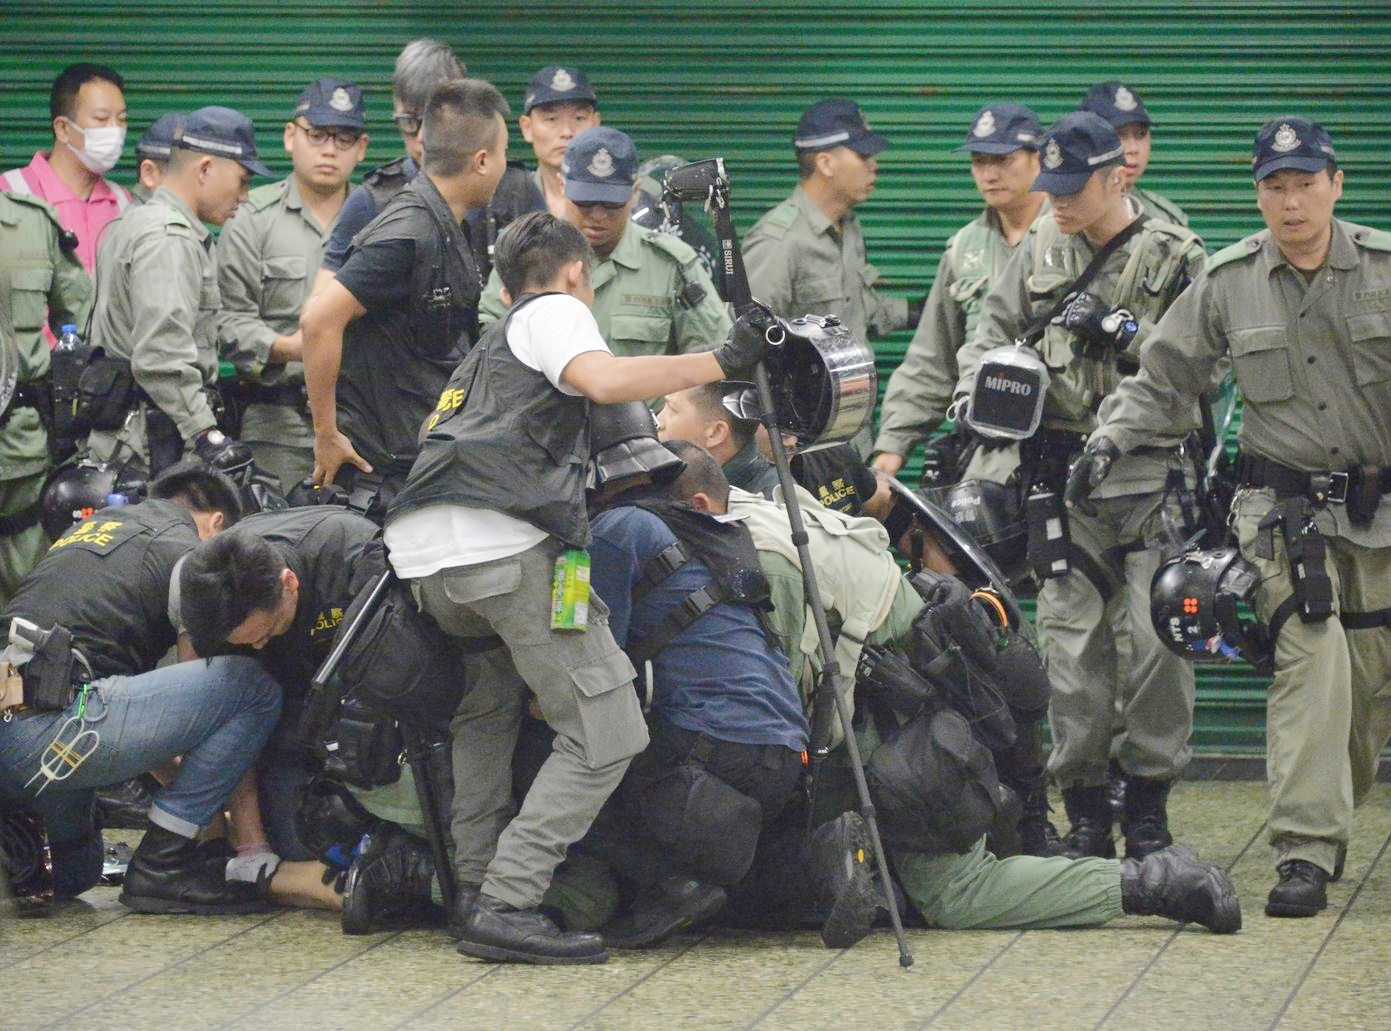 國際特赦組織的報告早前批評香港警察濫用暴力。資料圖片